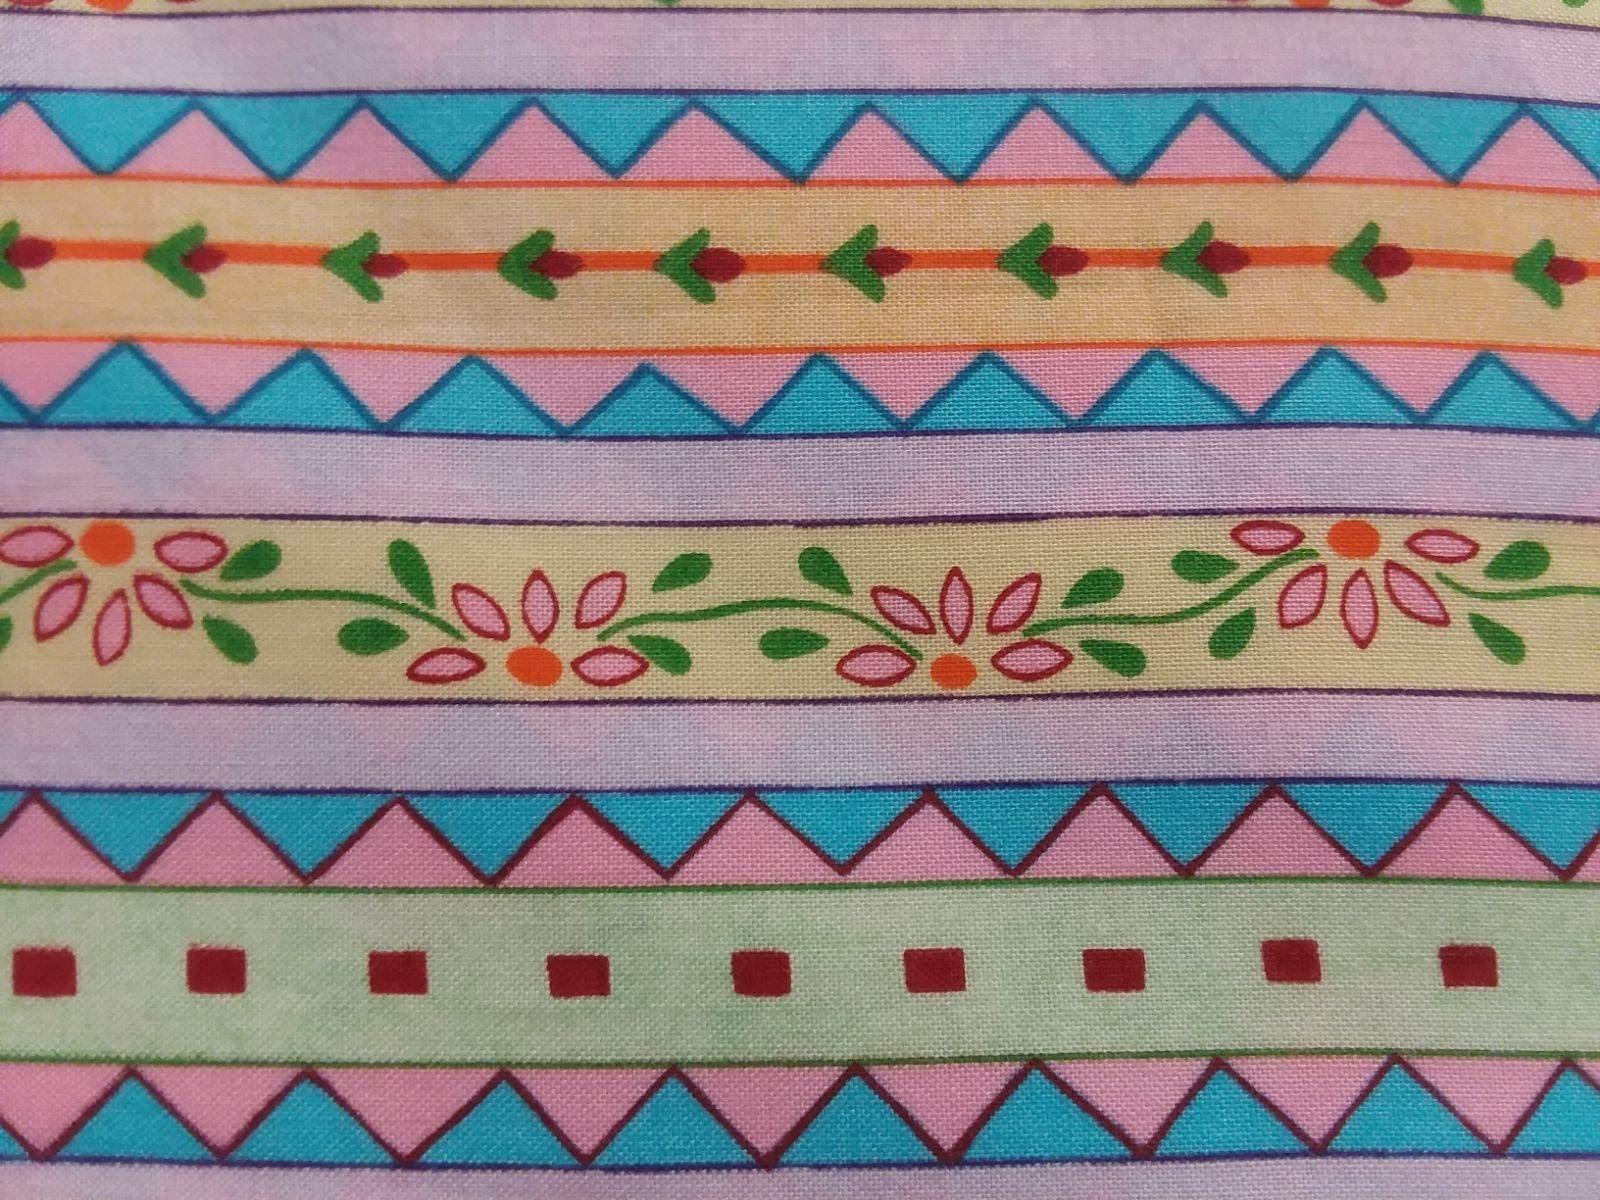 Anna Geometric Triangle Stripe